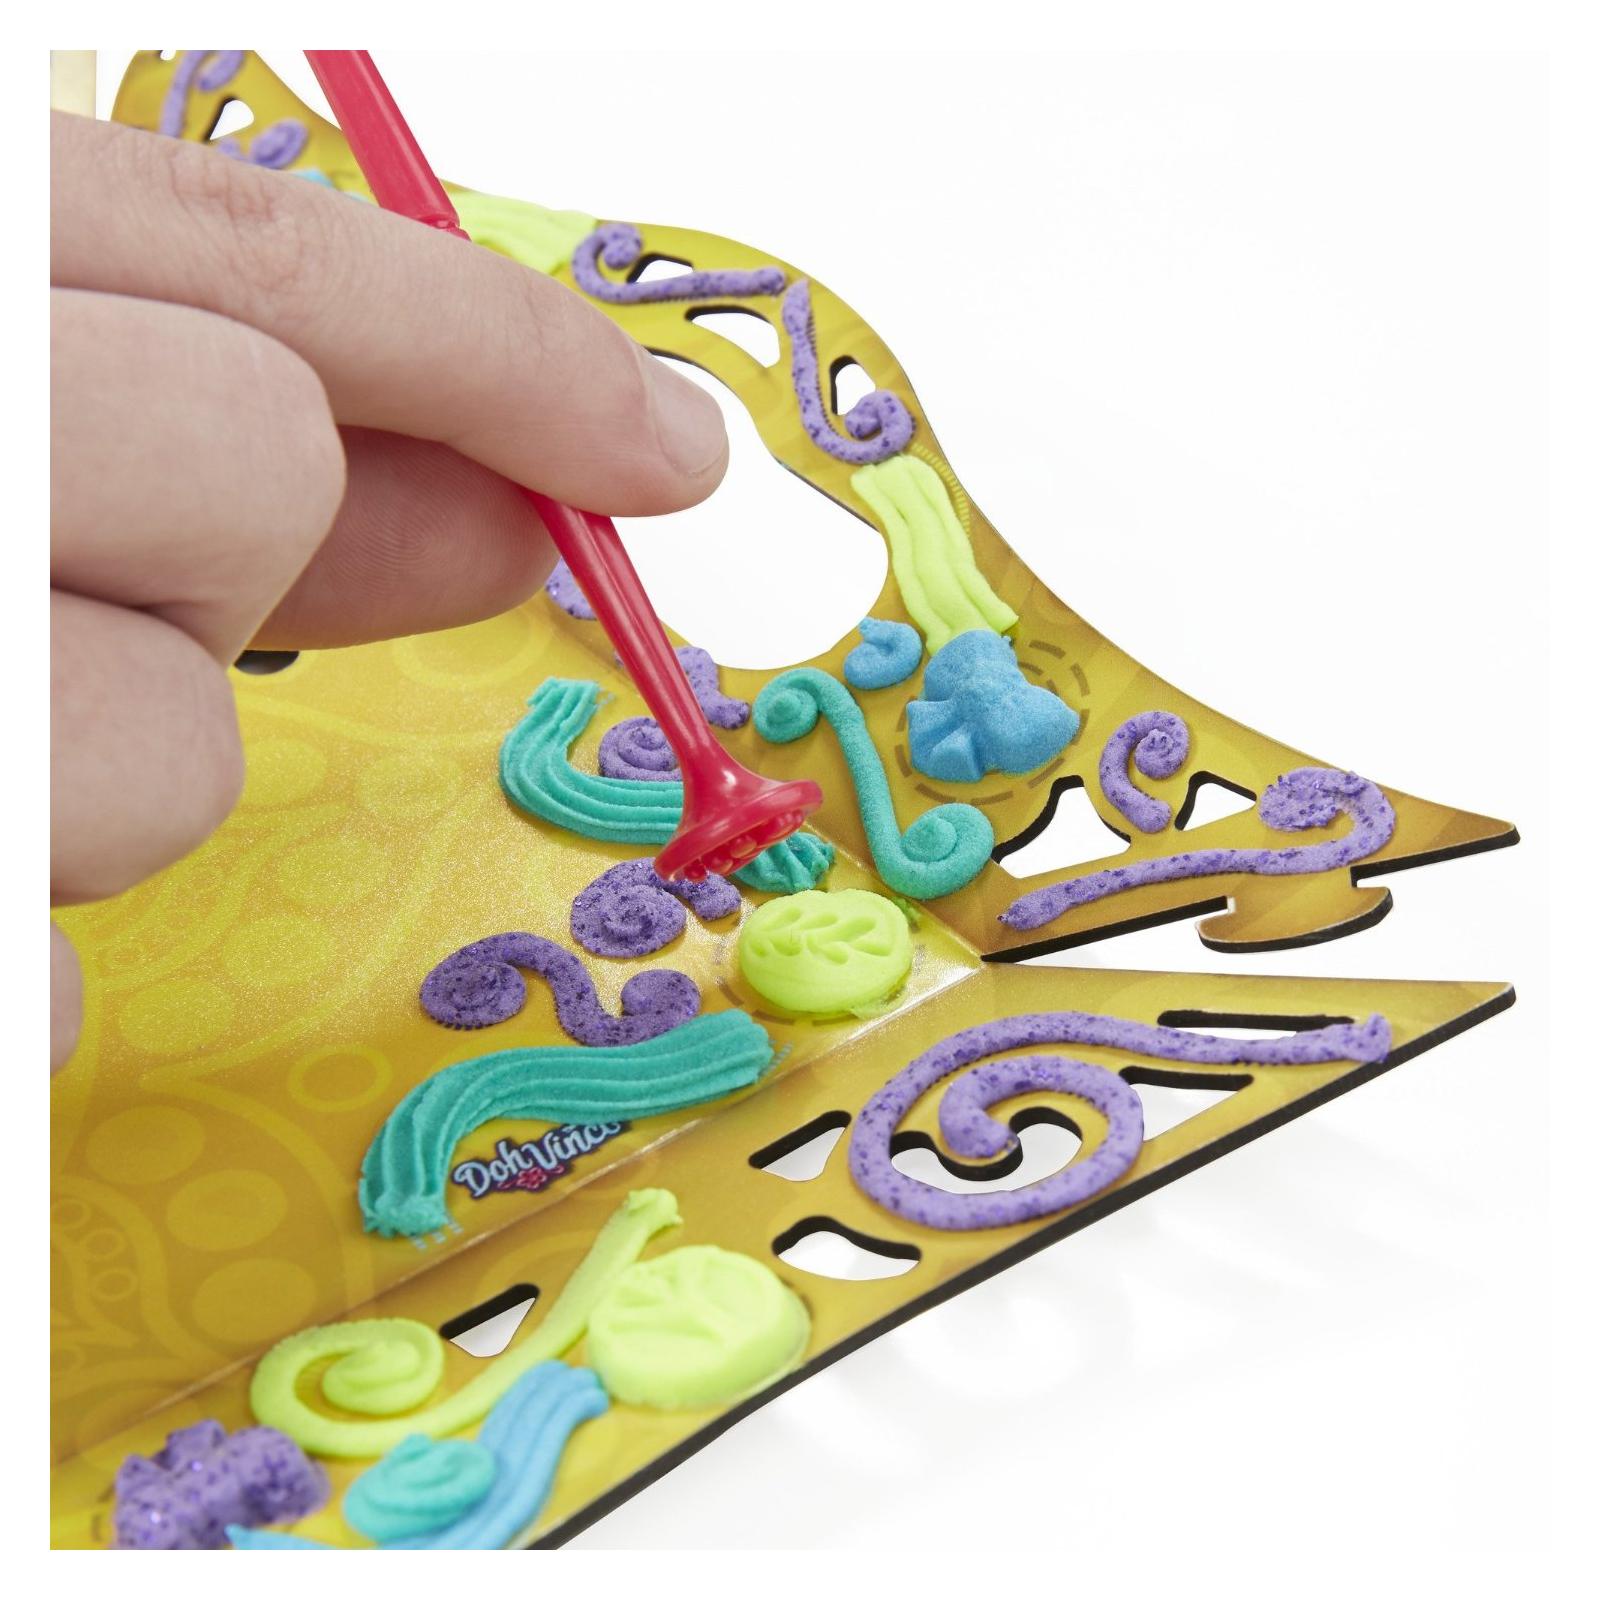 Набор для творчества Hasbro DohVinci Платиновый Стайлер (B4935) изображение 7